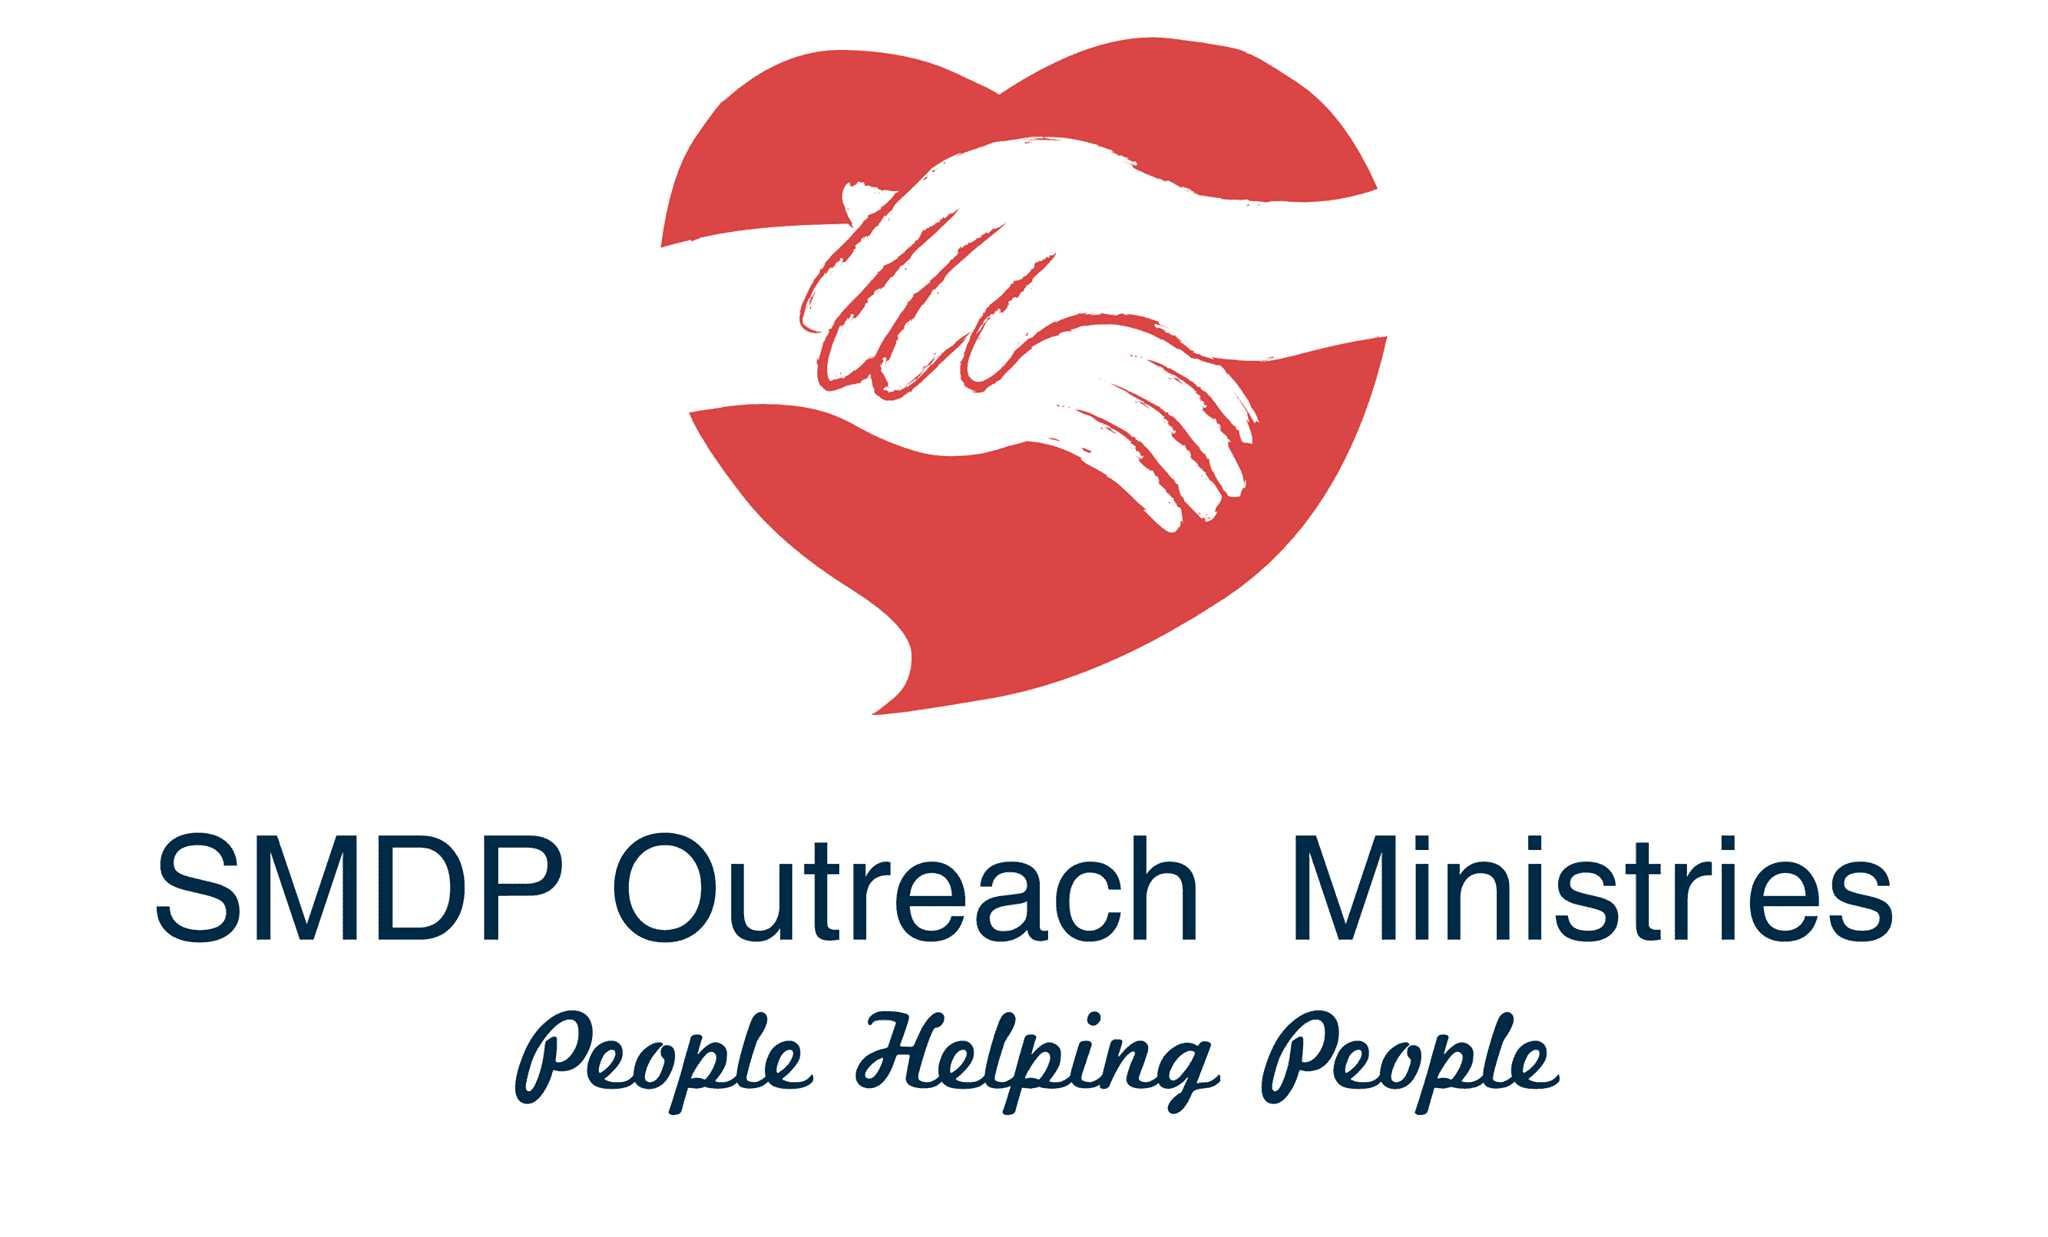 St. Martin de Porres Outreach Ministries